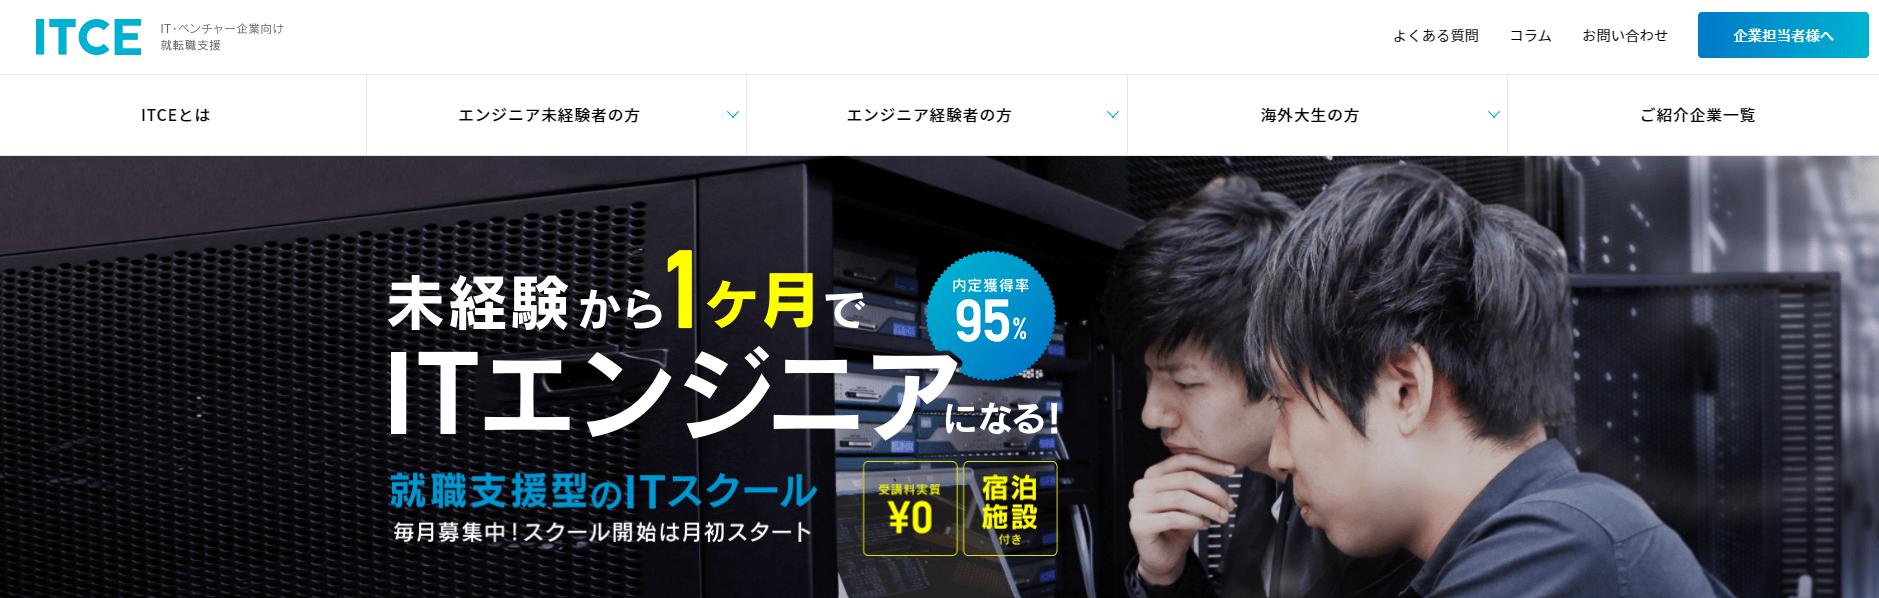 プログラミングスクール_無料_おすすめ_itce_academy